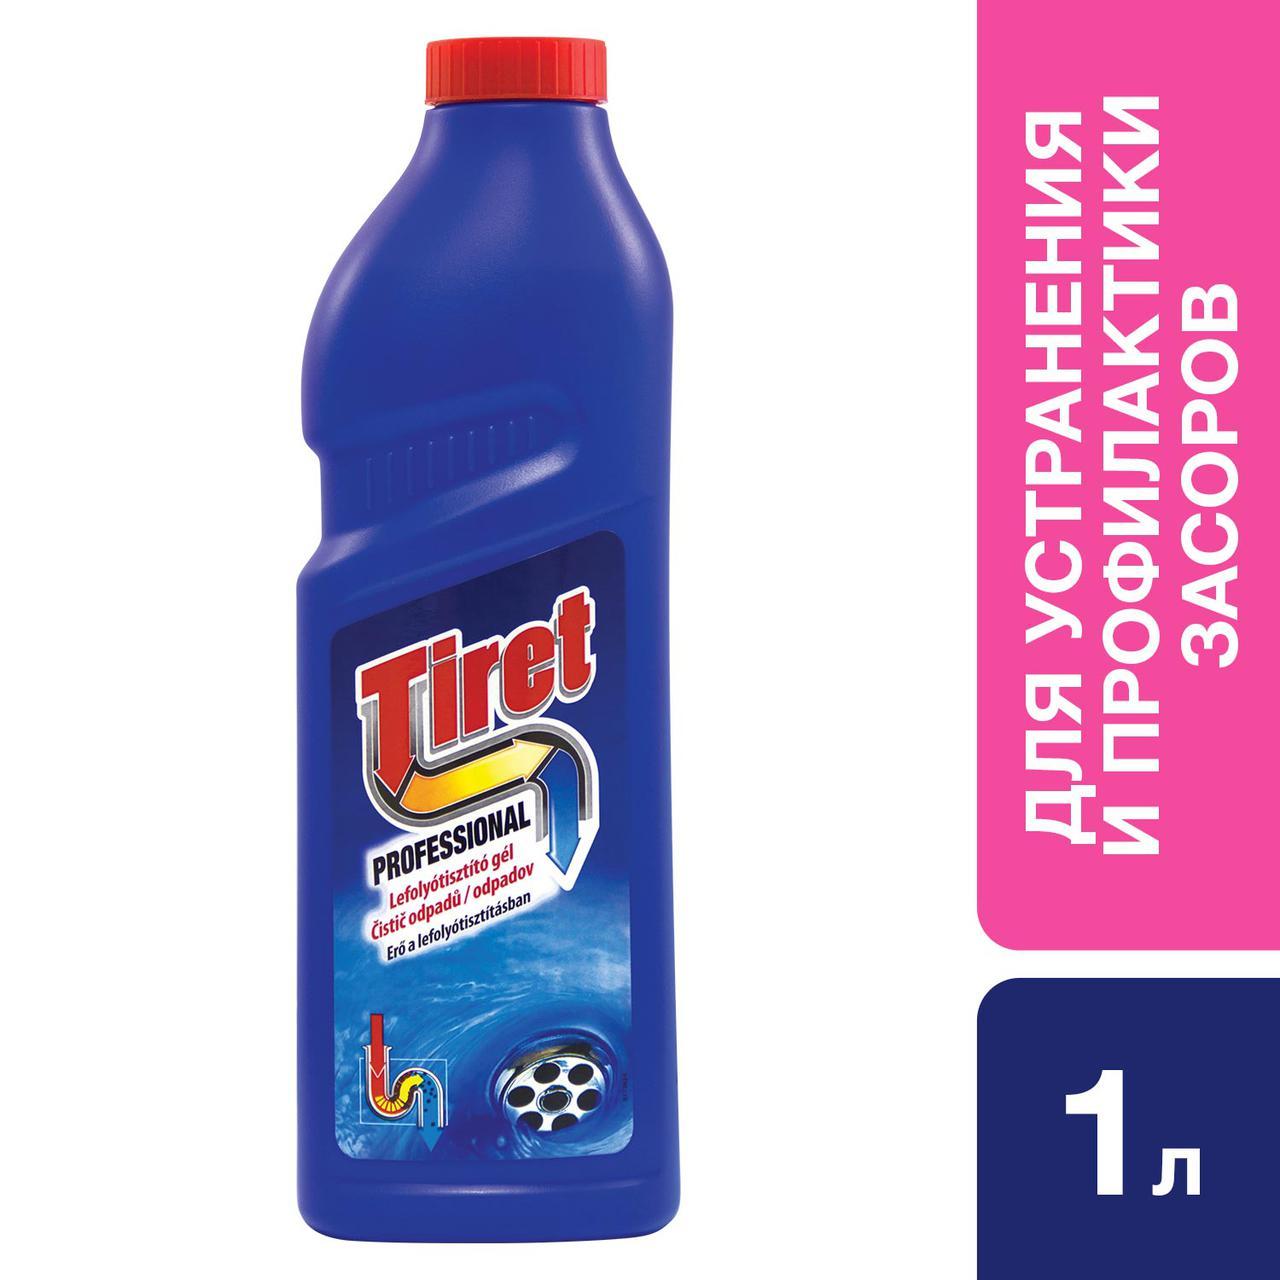 TIRET  Профессионал-гель для устранения и профилактики засоров в канализационных трубах 1Л